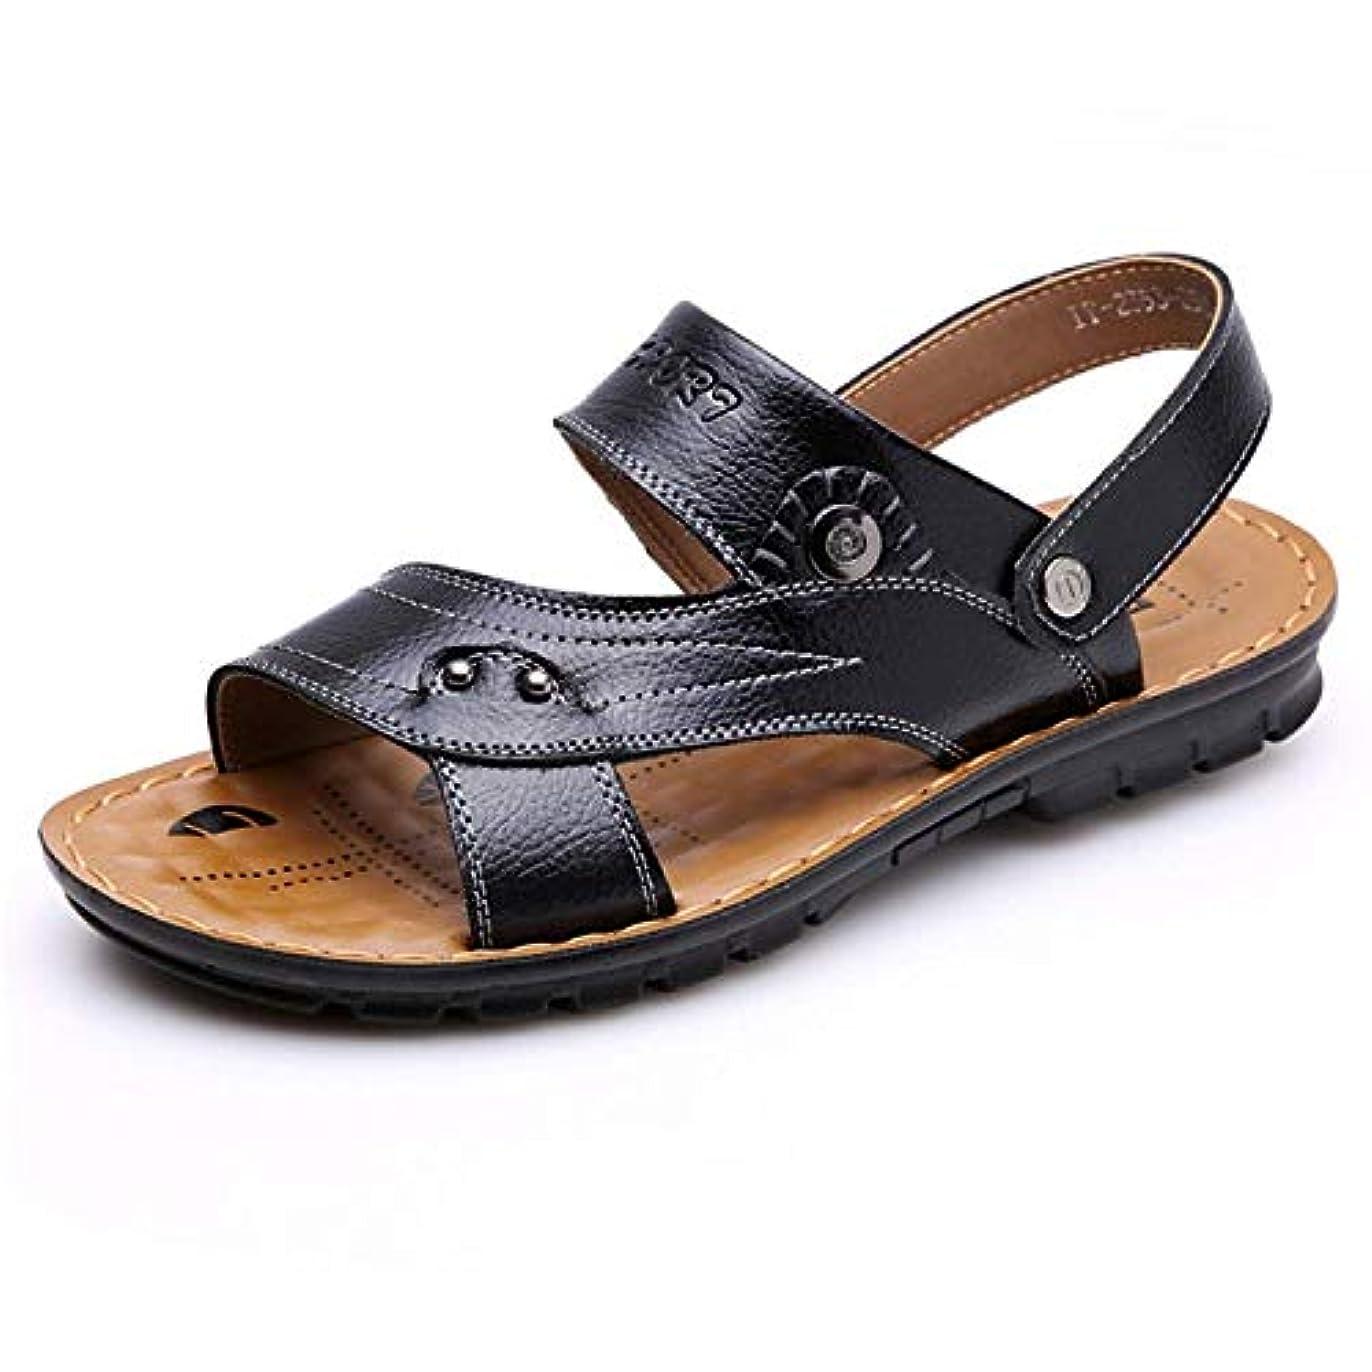 ウール手入れ柔和メンズ サンダル 蒸れない 大きなサイズ パンチング オフィス オシャレ レザー かっこいい ビジネス 通気性 カジュアル 軽量 滑り止め 歩きやすい 柔らかい ウィングチップ 快適 コンフォート 紳士靴